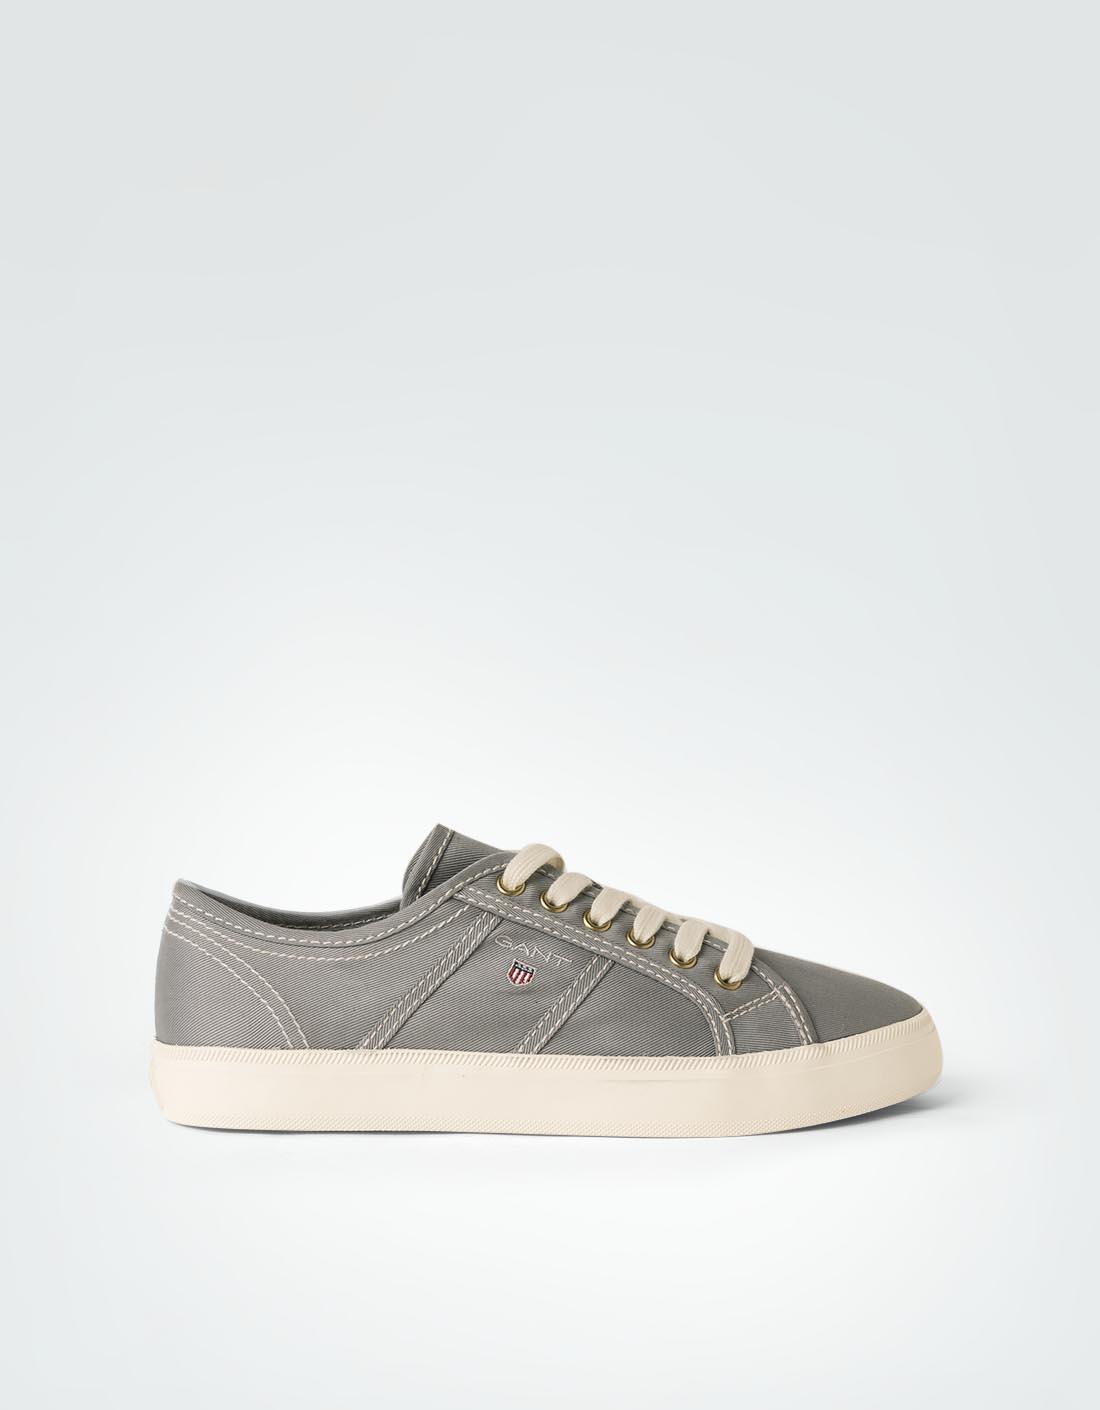 on sale 1b74e 7d7a0 Gant Damen Schuhe Zoe Sneaker in klassischer Form empfohlen ...